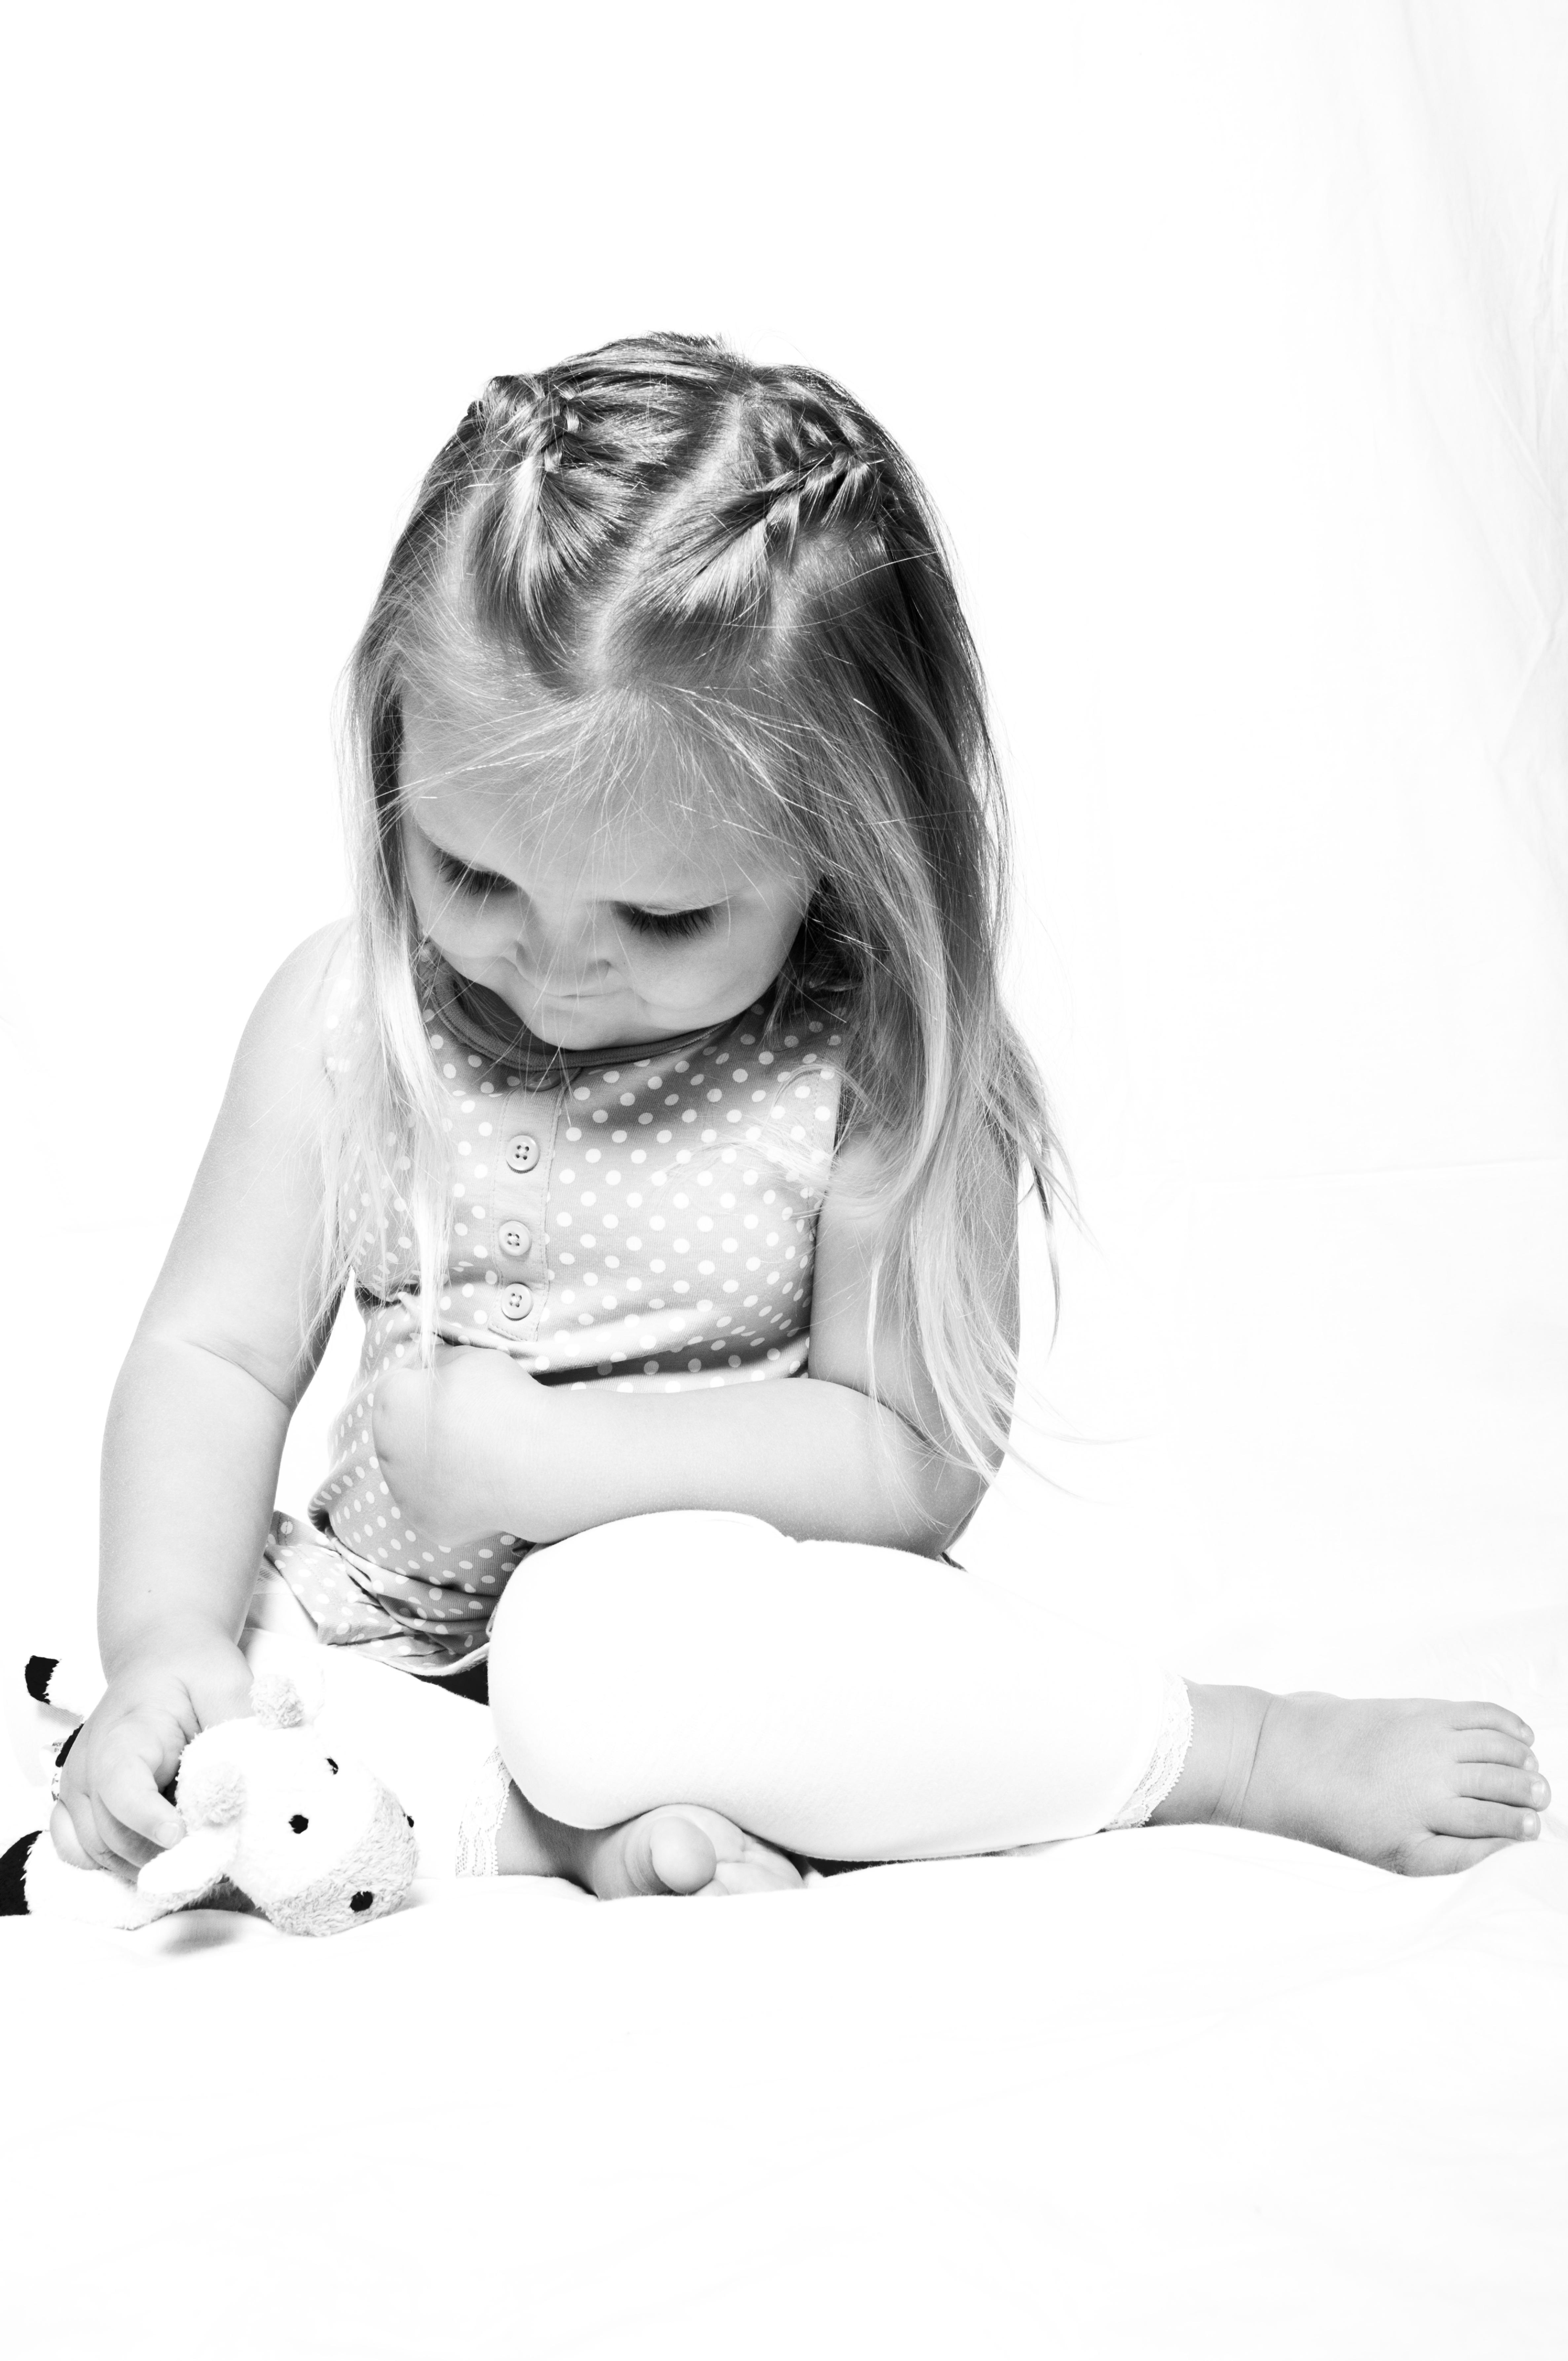 Gambar Tangan Orang Hitam Dan Putih Gadis Anak Imut